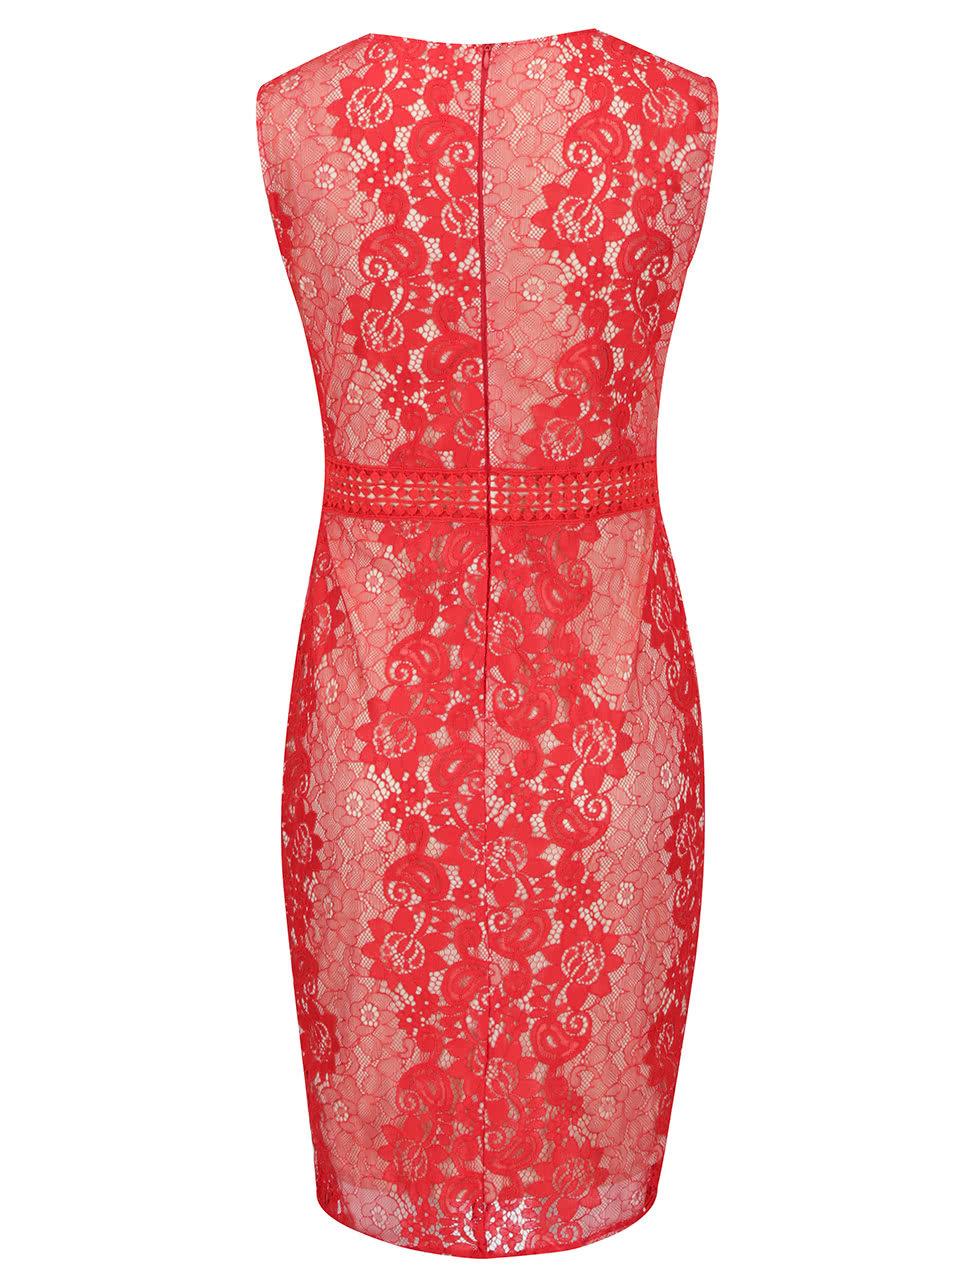 Krémovo-červené čipkované šaty AX Paris ... 268f0224316